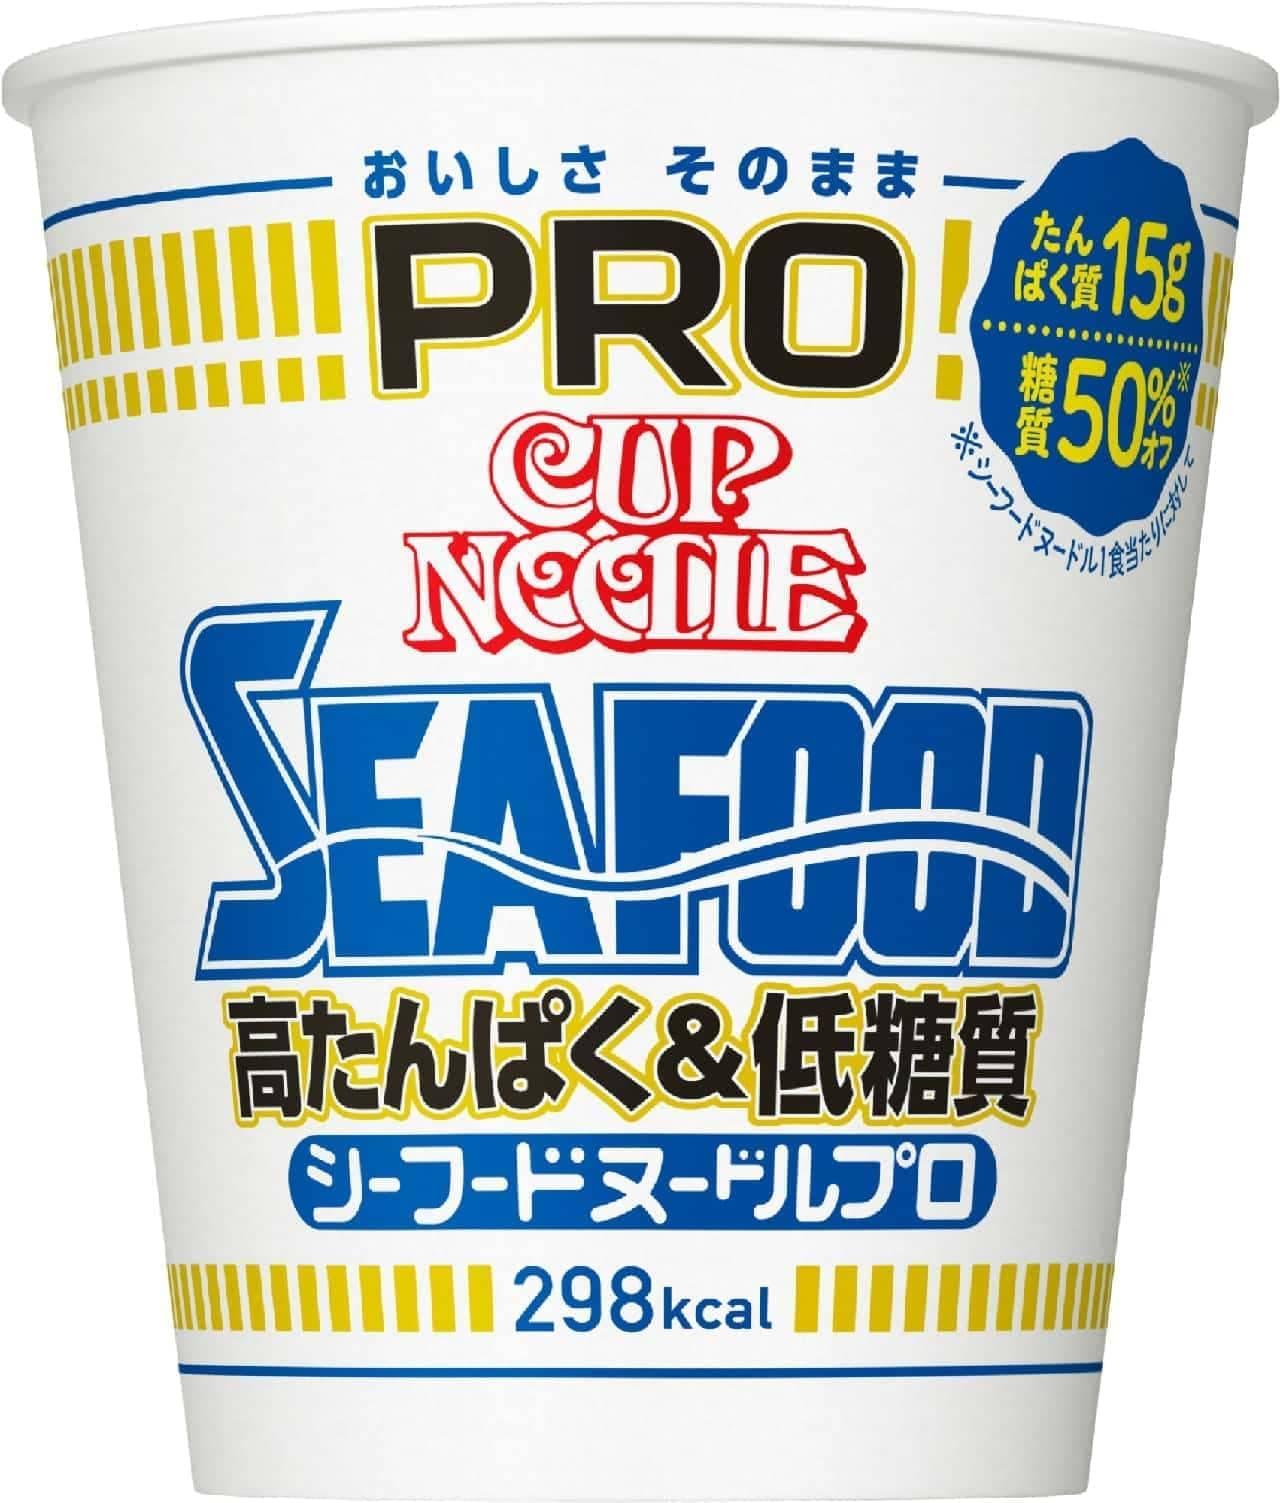 日清食品「カップヌードルPRO 高たんぱく&低糖質 シーフードヌードル」